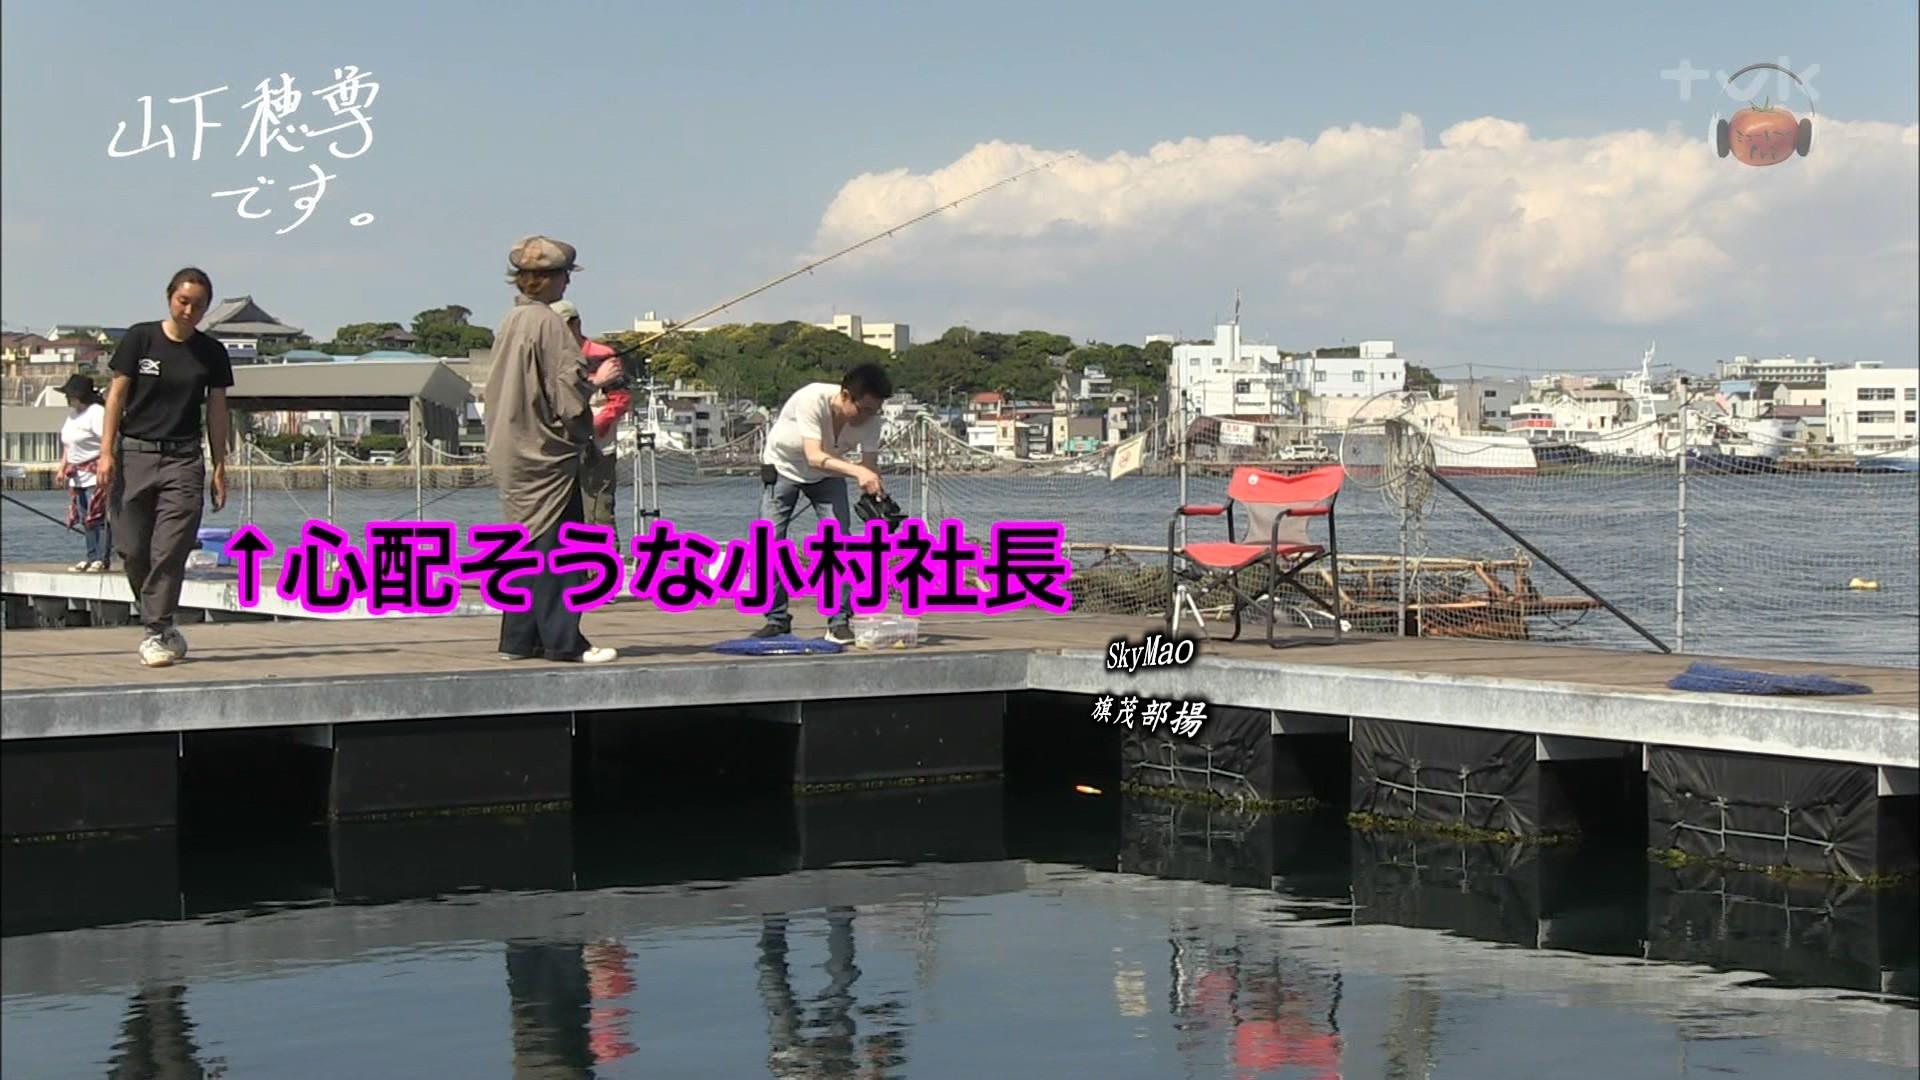 2017.07.14 全場(ミュートマ2).ts_20170715_003833.209